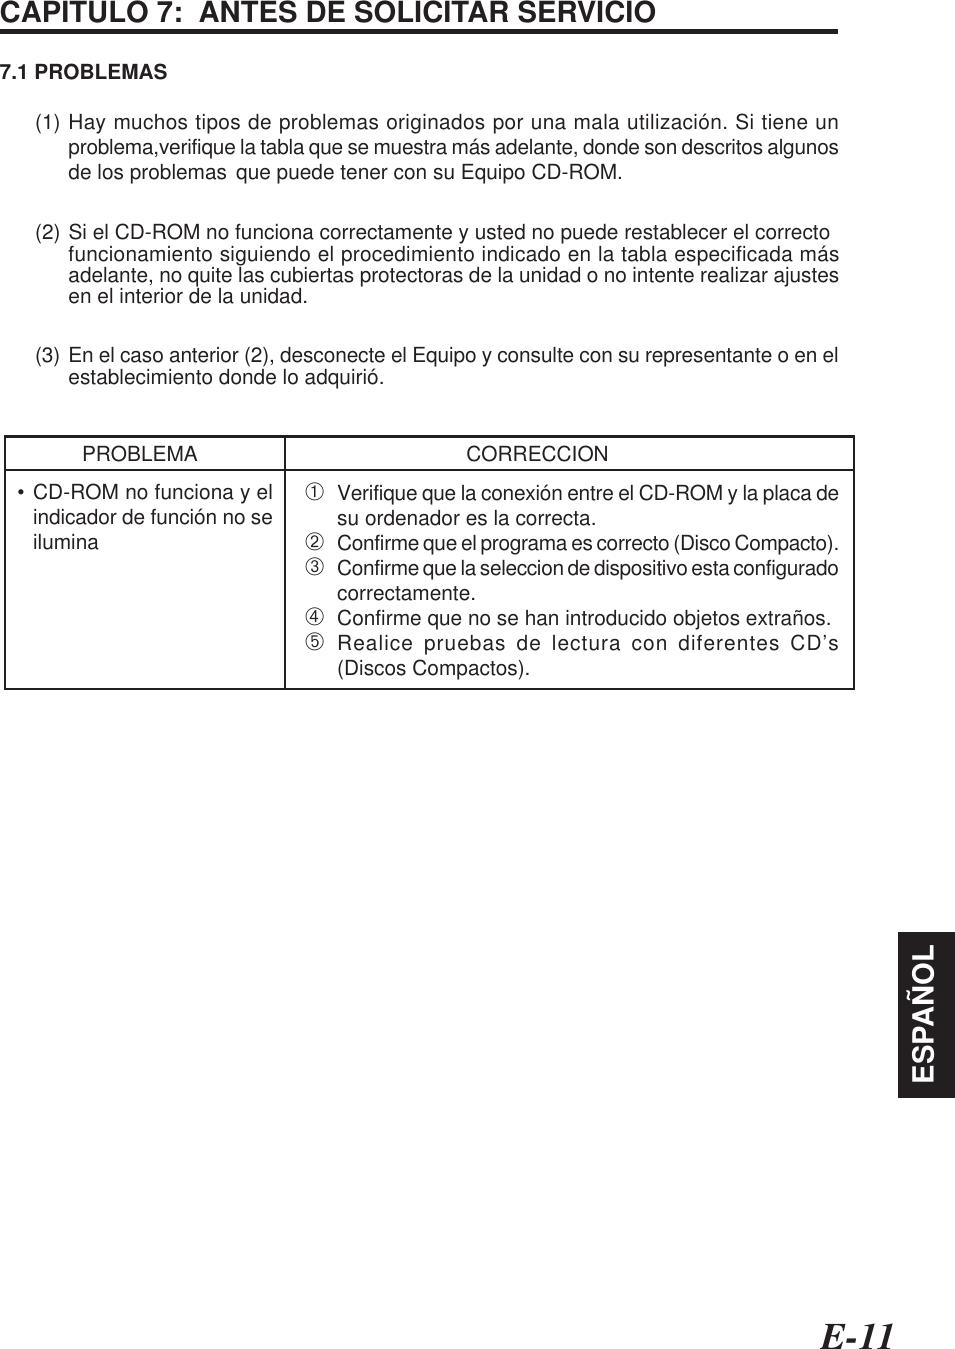 E-11ESPAÑOLCAPITULO 7:  ANTES DE SOLICITAR SERVICIO7.1 PROBLEMAS(1) Hay muchos tipos de problemas originados por una mala utilización. Si tiene unproblema,verifique la tabla que se muestra más adelante, donde son descritos algunosde los problemas que puede tener con su Equipo CD-ROM.(2) Si el CD-ROM no funciona correctamente y usted no puede restablecer el correctofuncionamiento siguiendo el procedimiento indicado en la tabla especificada másadelante, no quite las cubiertas protectoras de la unidad o no intente realizar ajustesen el interior de la unidad.(3) En el caso anterior (2), desconecte el Equipo y consulte con su representante o en elestablecimiento donde lo adquirió.PROBLEMA CORRECCION• CD-ROM no funciona y elindicador de función no seilumina➀Verifique que la conexión entre el CD-ROM y la placa desu ordenador es la correcta.➁Confirme que el programa es correcto (Disco Compacto).➂Confirme que la seleccion de dispositivo esta configuradocorrectamente.➃Confirme que no se han introducido objetos extraños.➄Realice pruebas de lectura con diferentes CD's(Discos Compactos).